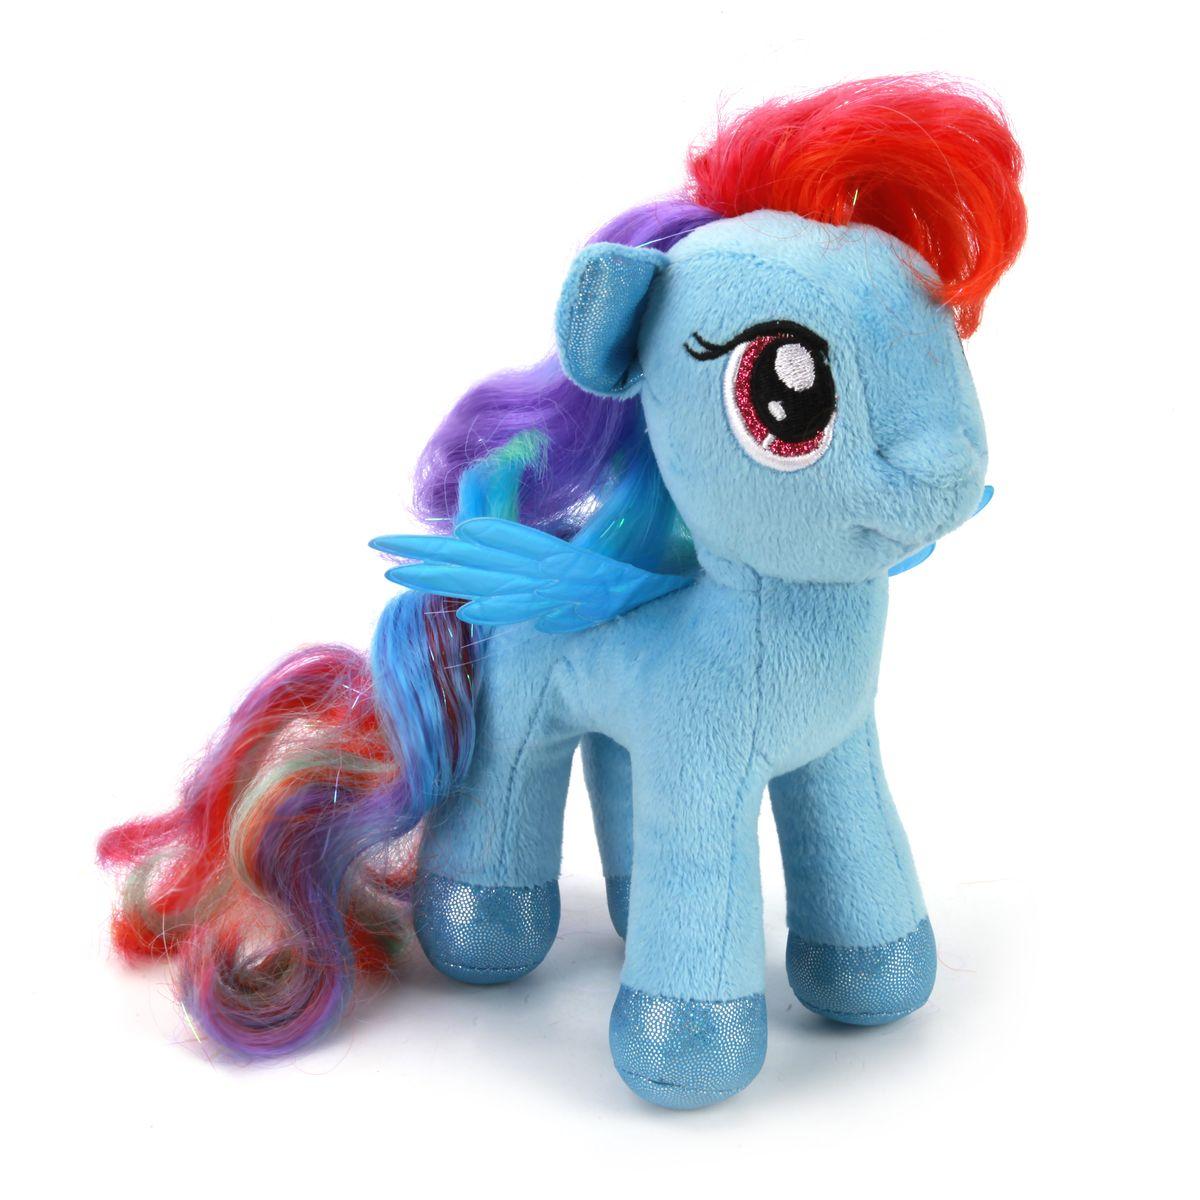 Мульти-Пульти Мягкая игрушка Пони радуга My little ponyV27483/18Мягкая игрушка, изображающая Пони из мультфильма Моя Маленькая Пони, станет незаменимым другом малыша. Ребенок с ним никогда не соскучится, потому что Пони умеет произносить веселые фразы и петь песенки. Игрушка сделана из мягкого и приятного на ощупь материала с наполнителем из синтепона в голубых тонах с разноцветной гривой.